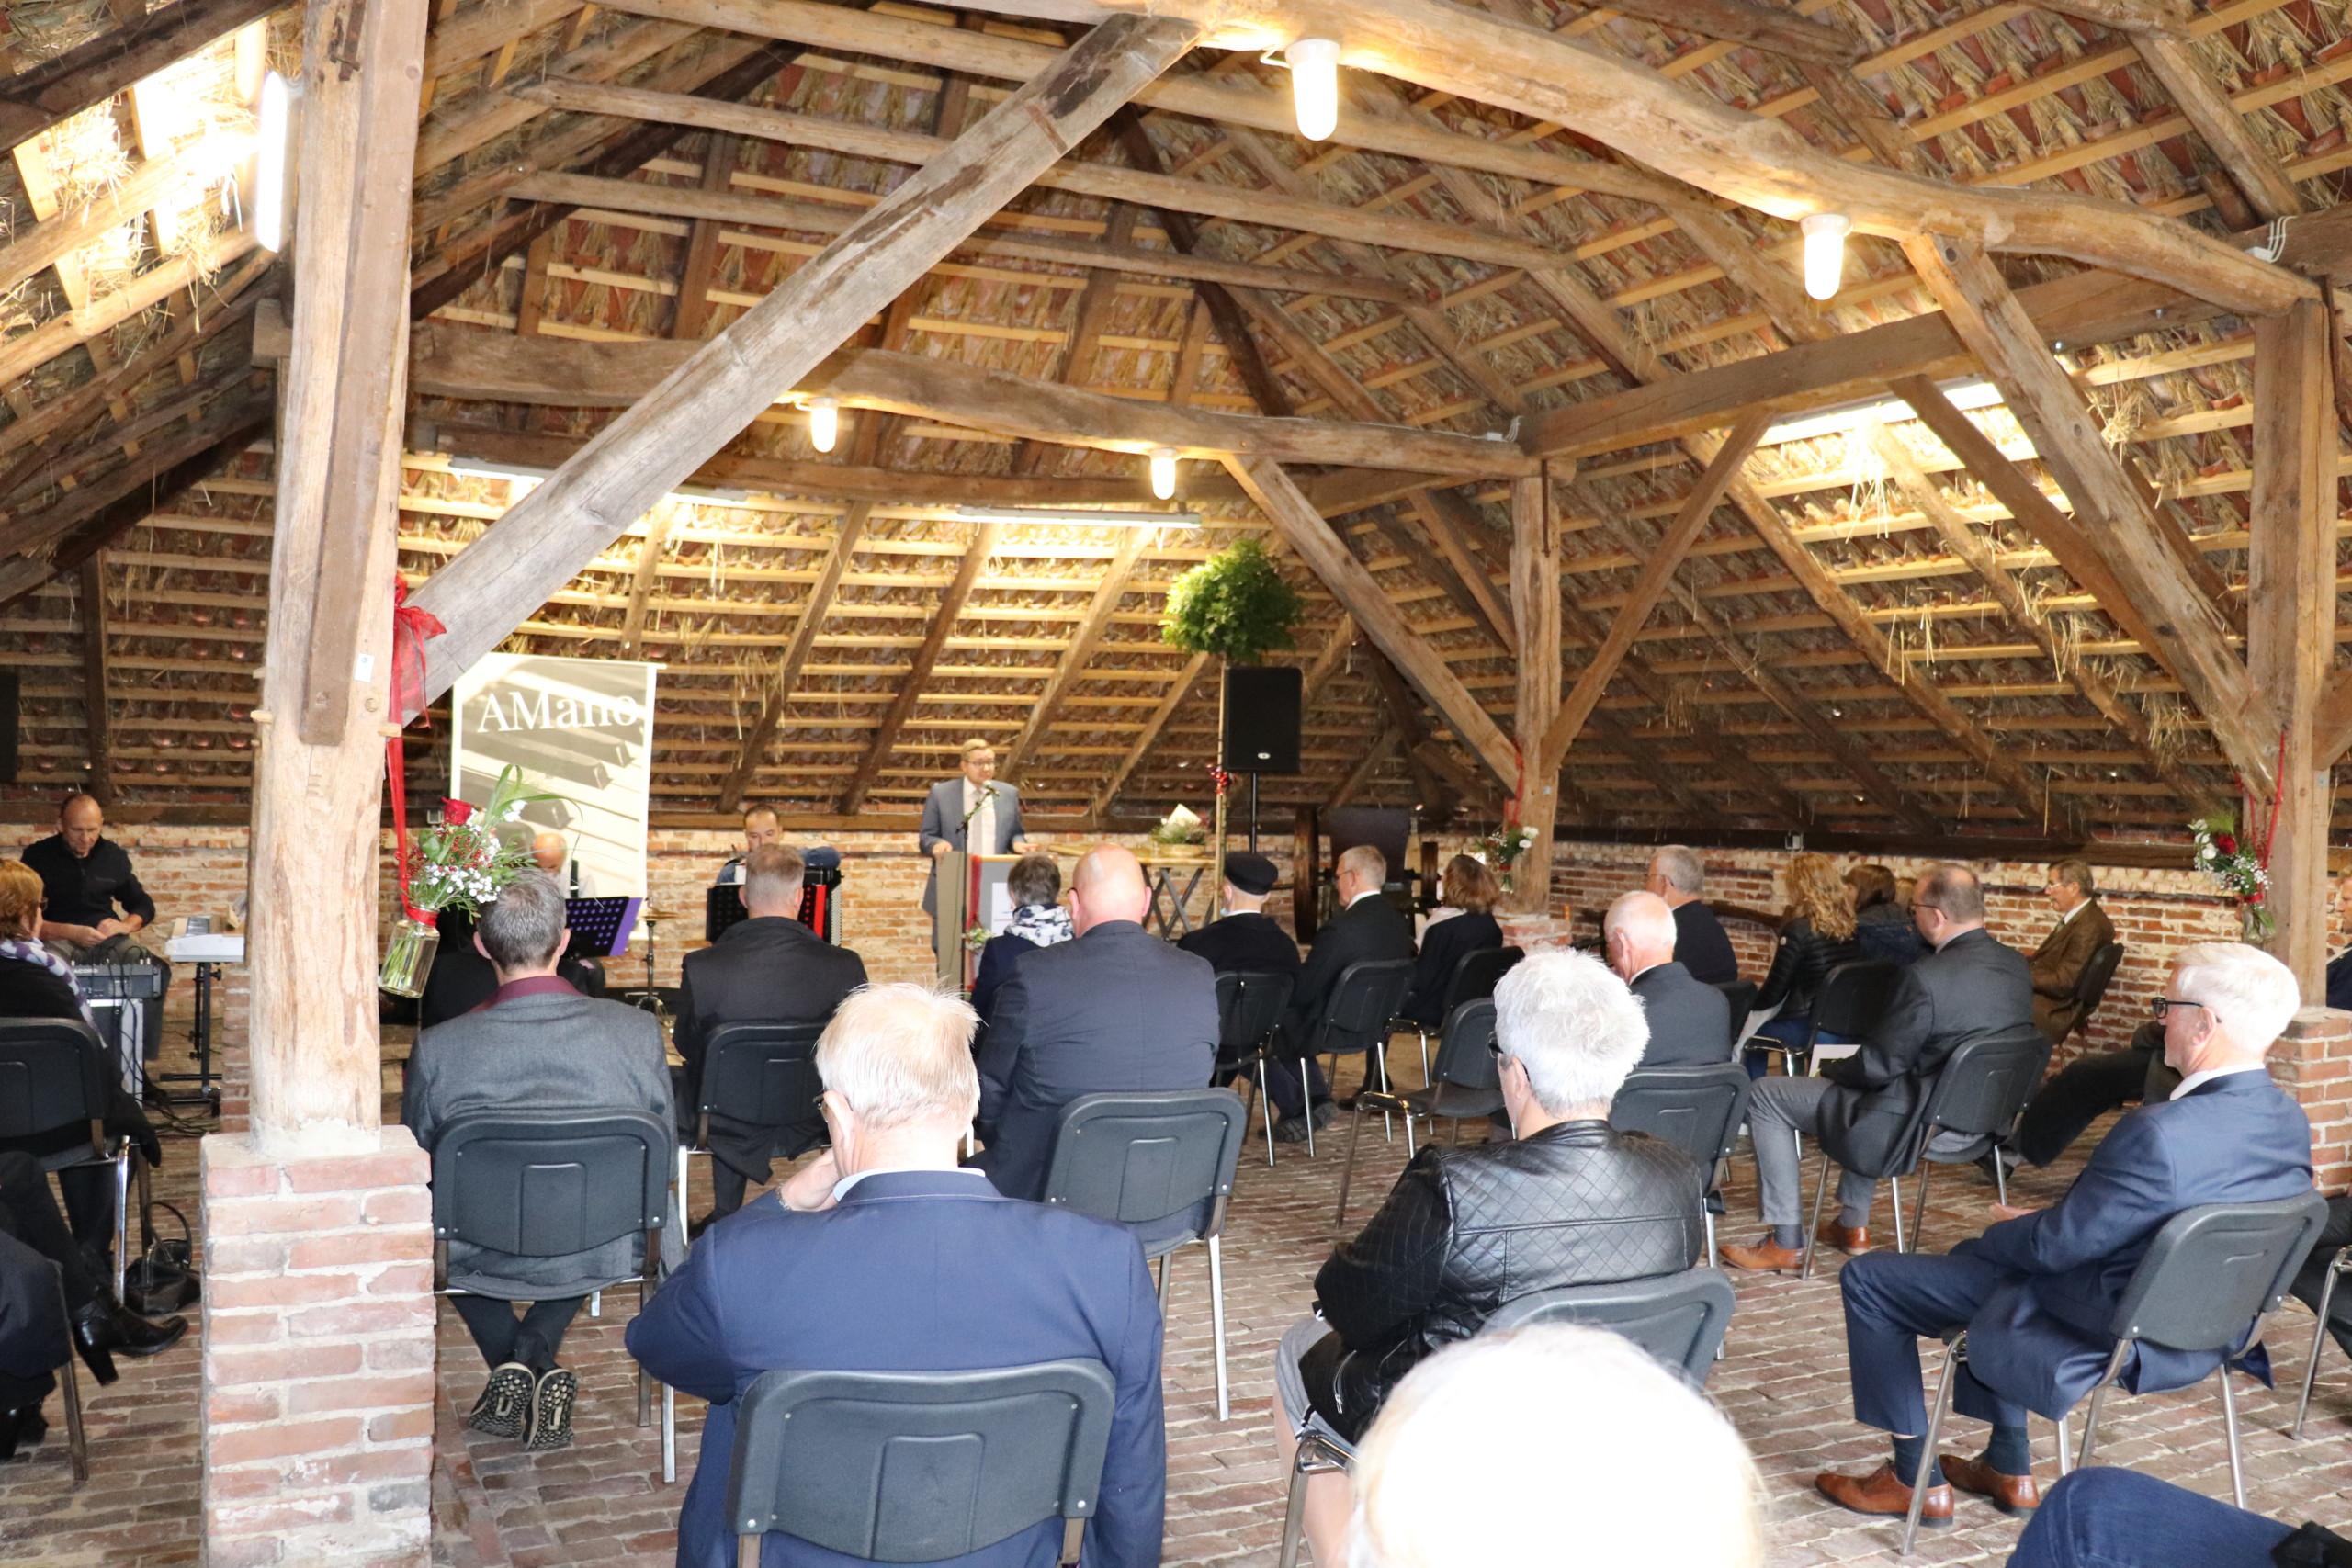 Bürgermeister Nils Anhuth blickte in seiner Rede auf die Verdienste von Dr. Gustav Schünemann zurück. Aufnahme: Wlodarczyk